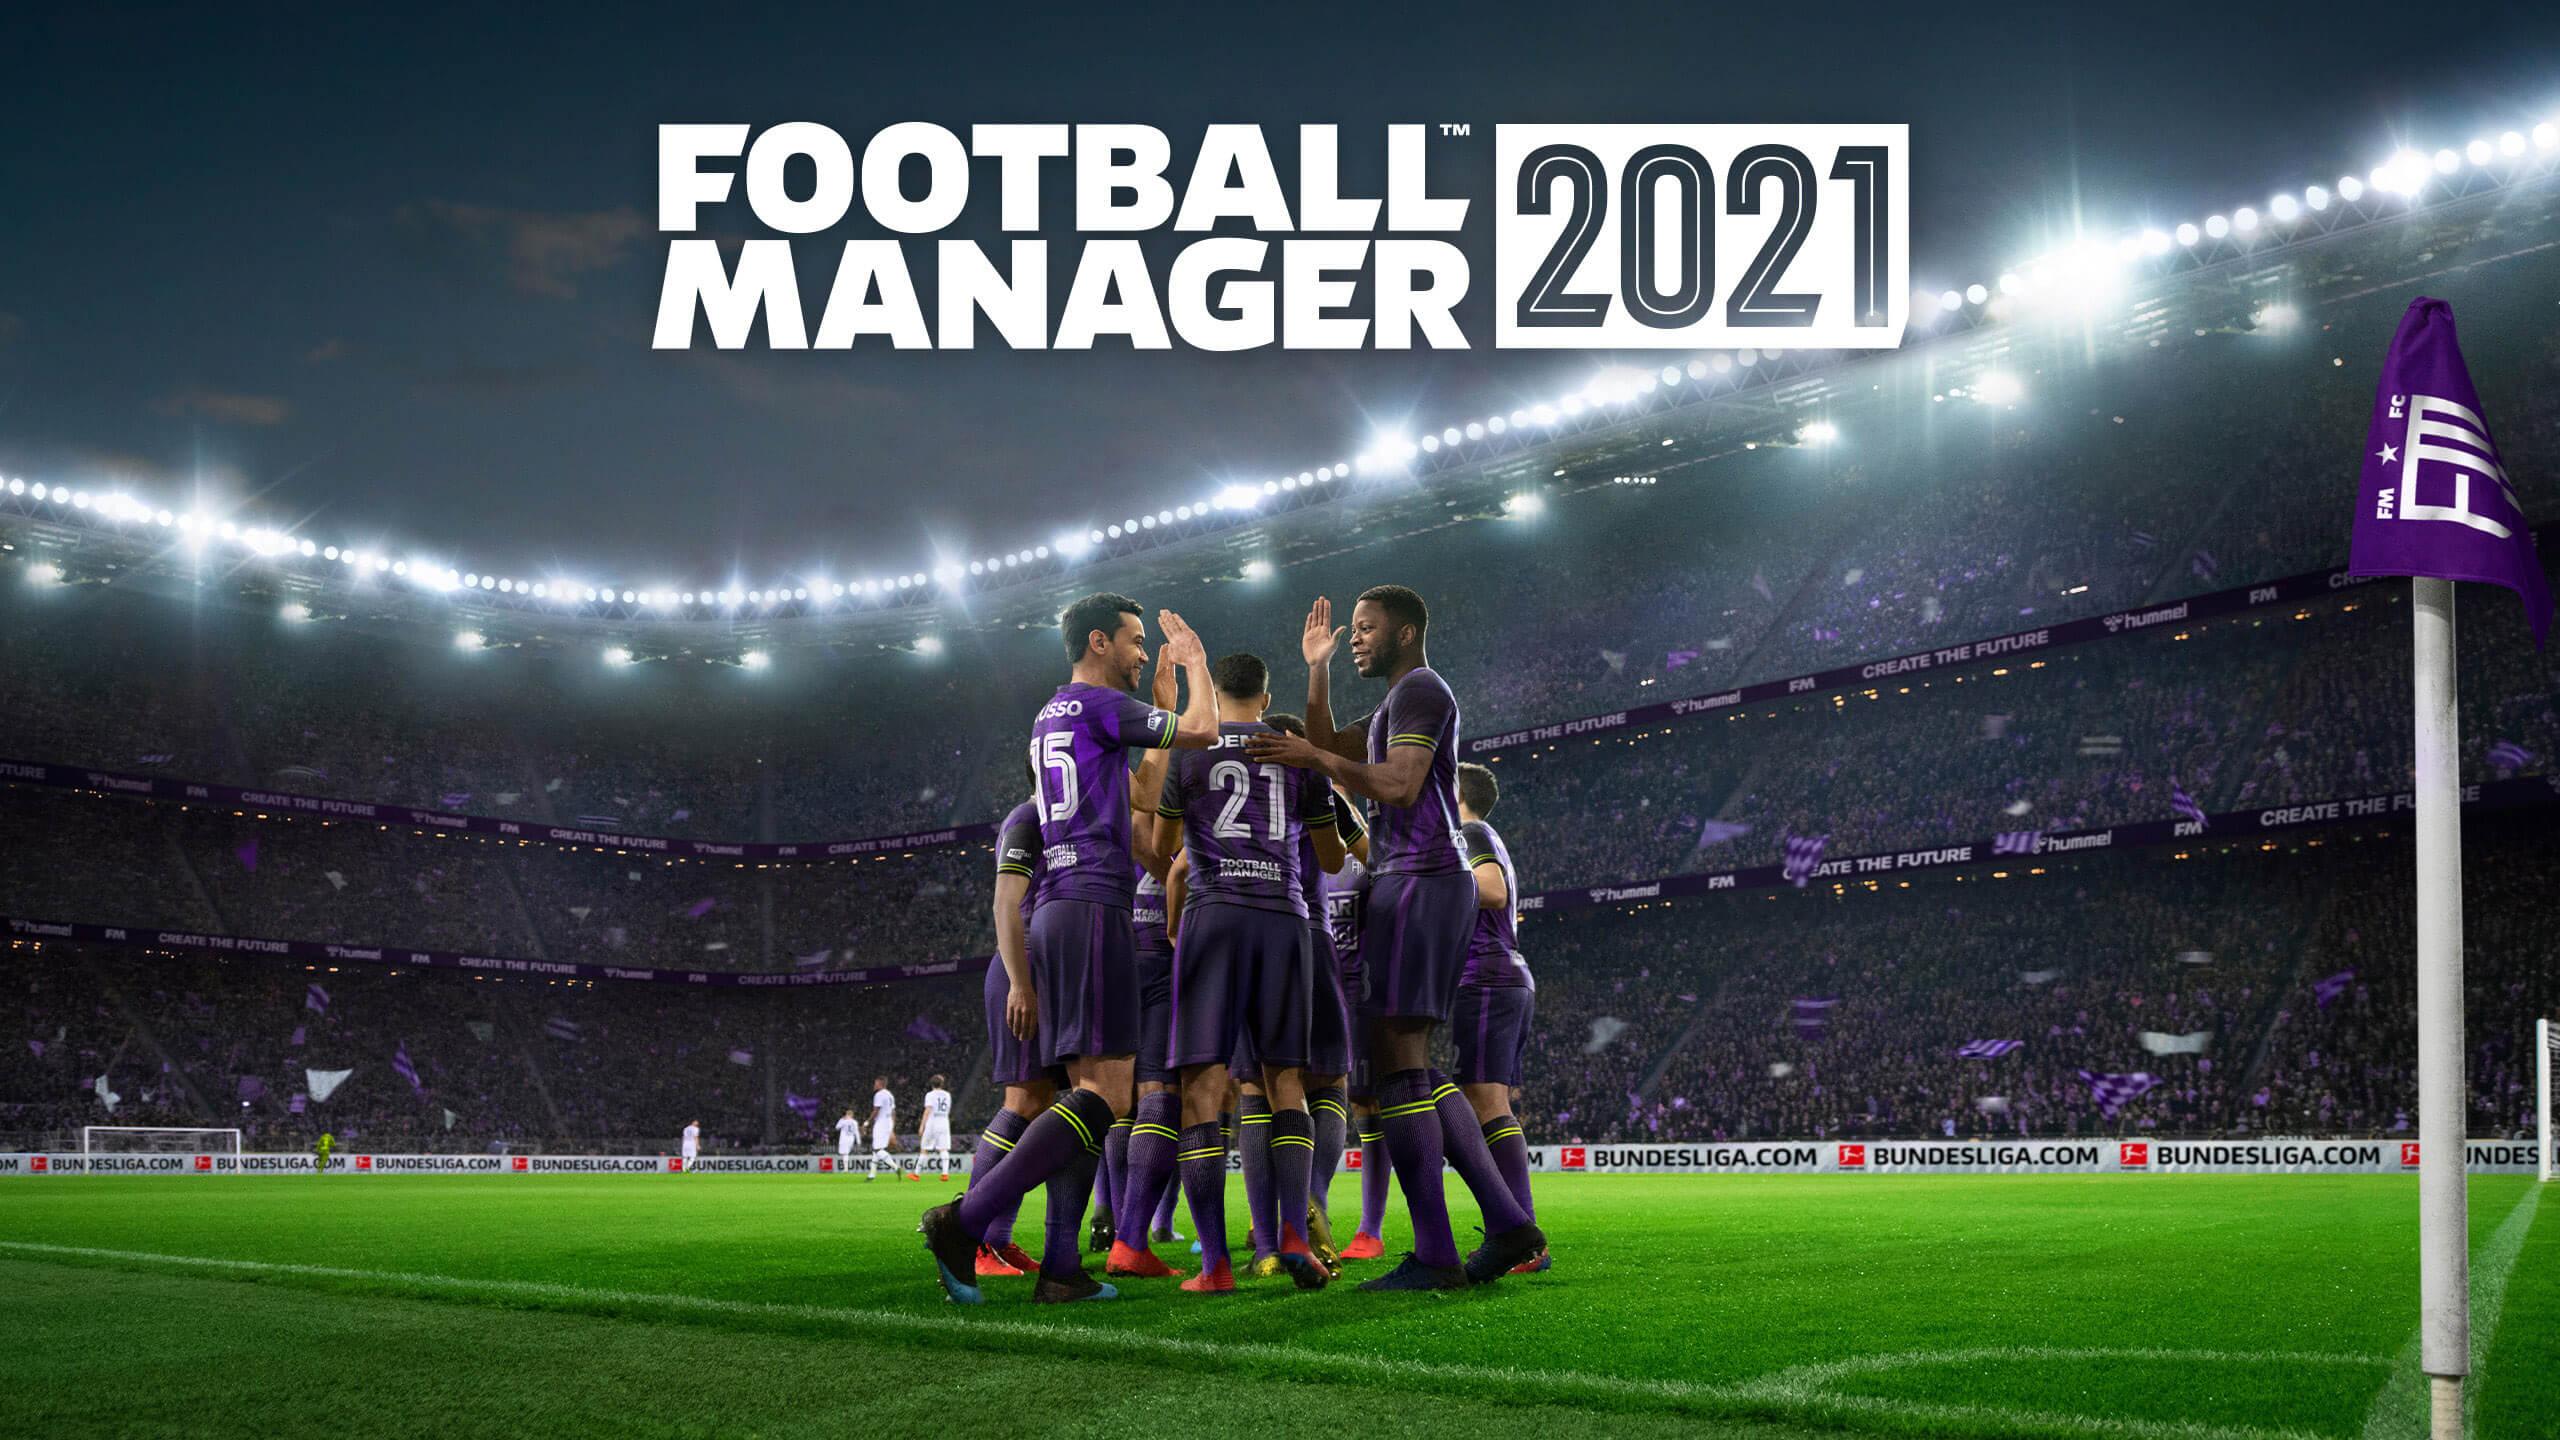 Обзор Football Manager 2021 - вперед еще тысяча часов игрового времени